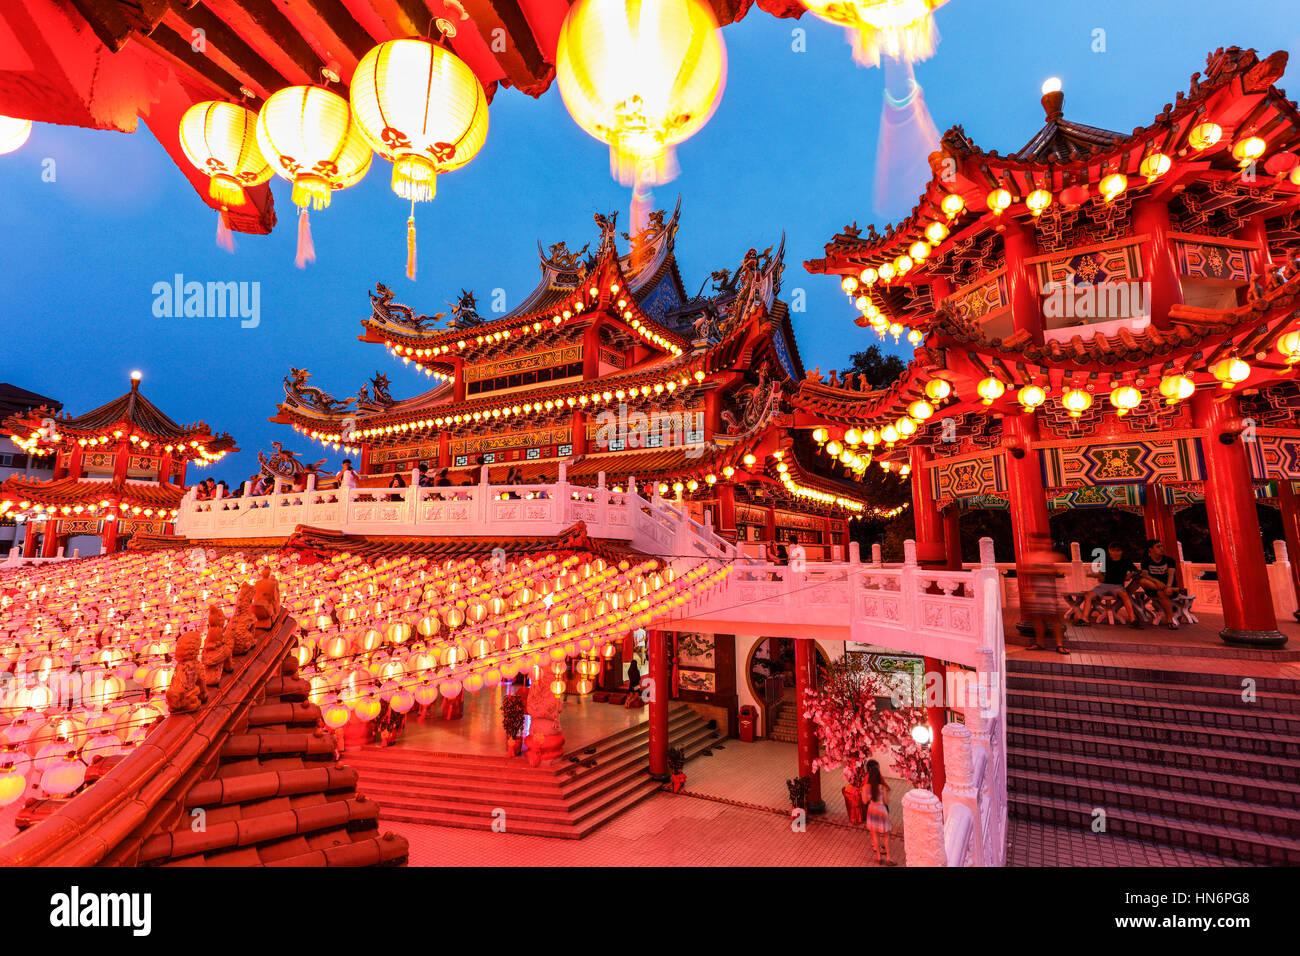 Los farolillos rojos de Thean Hou Temple, Malasia, durante el Año Nuevo Lunar chino. Foto de stock